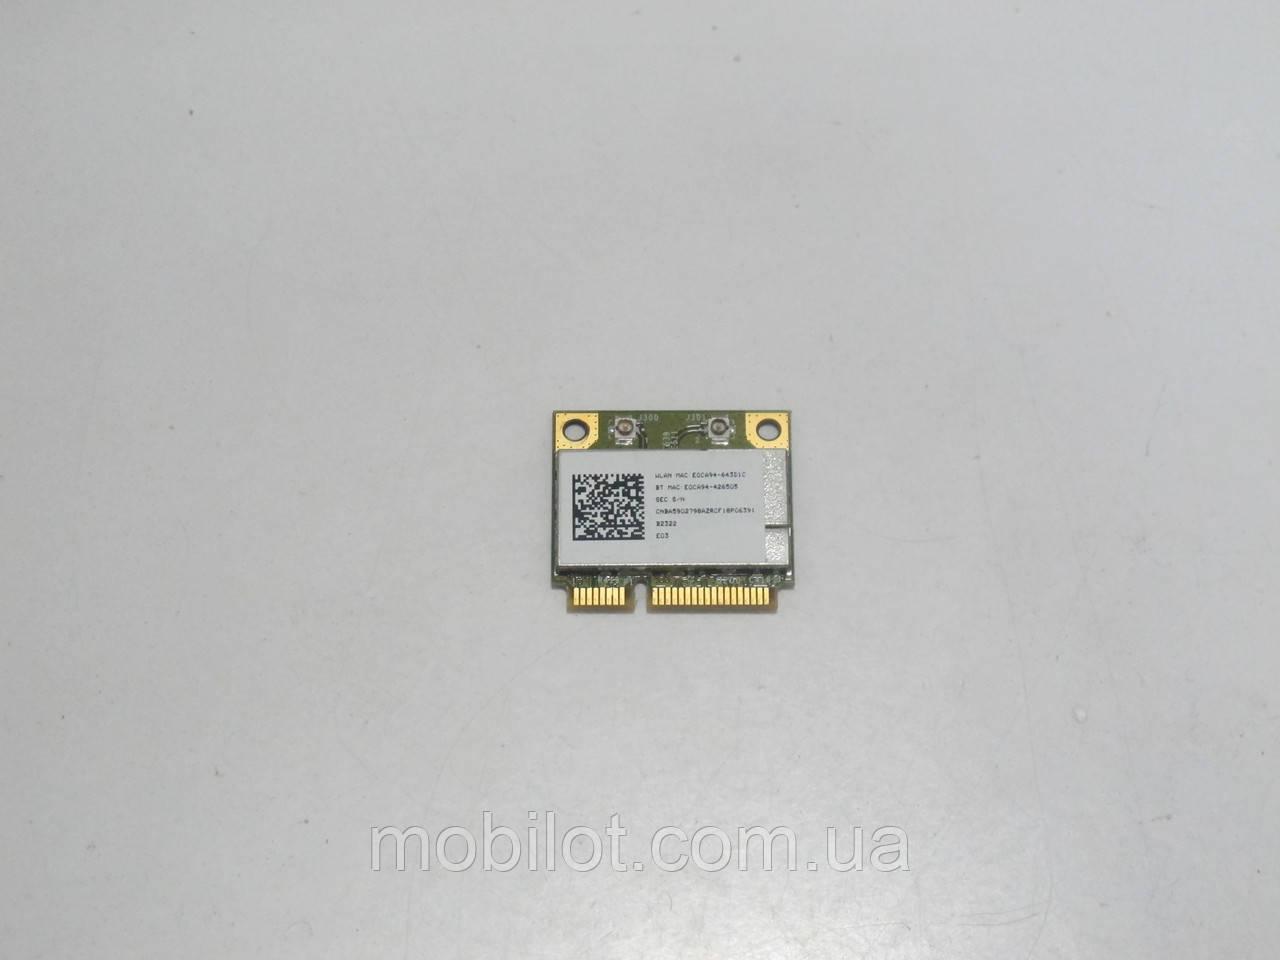 Wi-Fi модуль Samsung RV509 (NZ-6566)